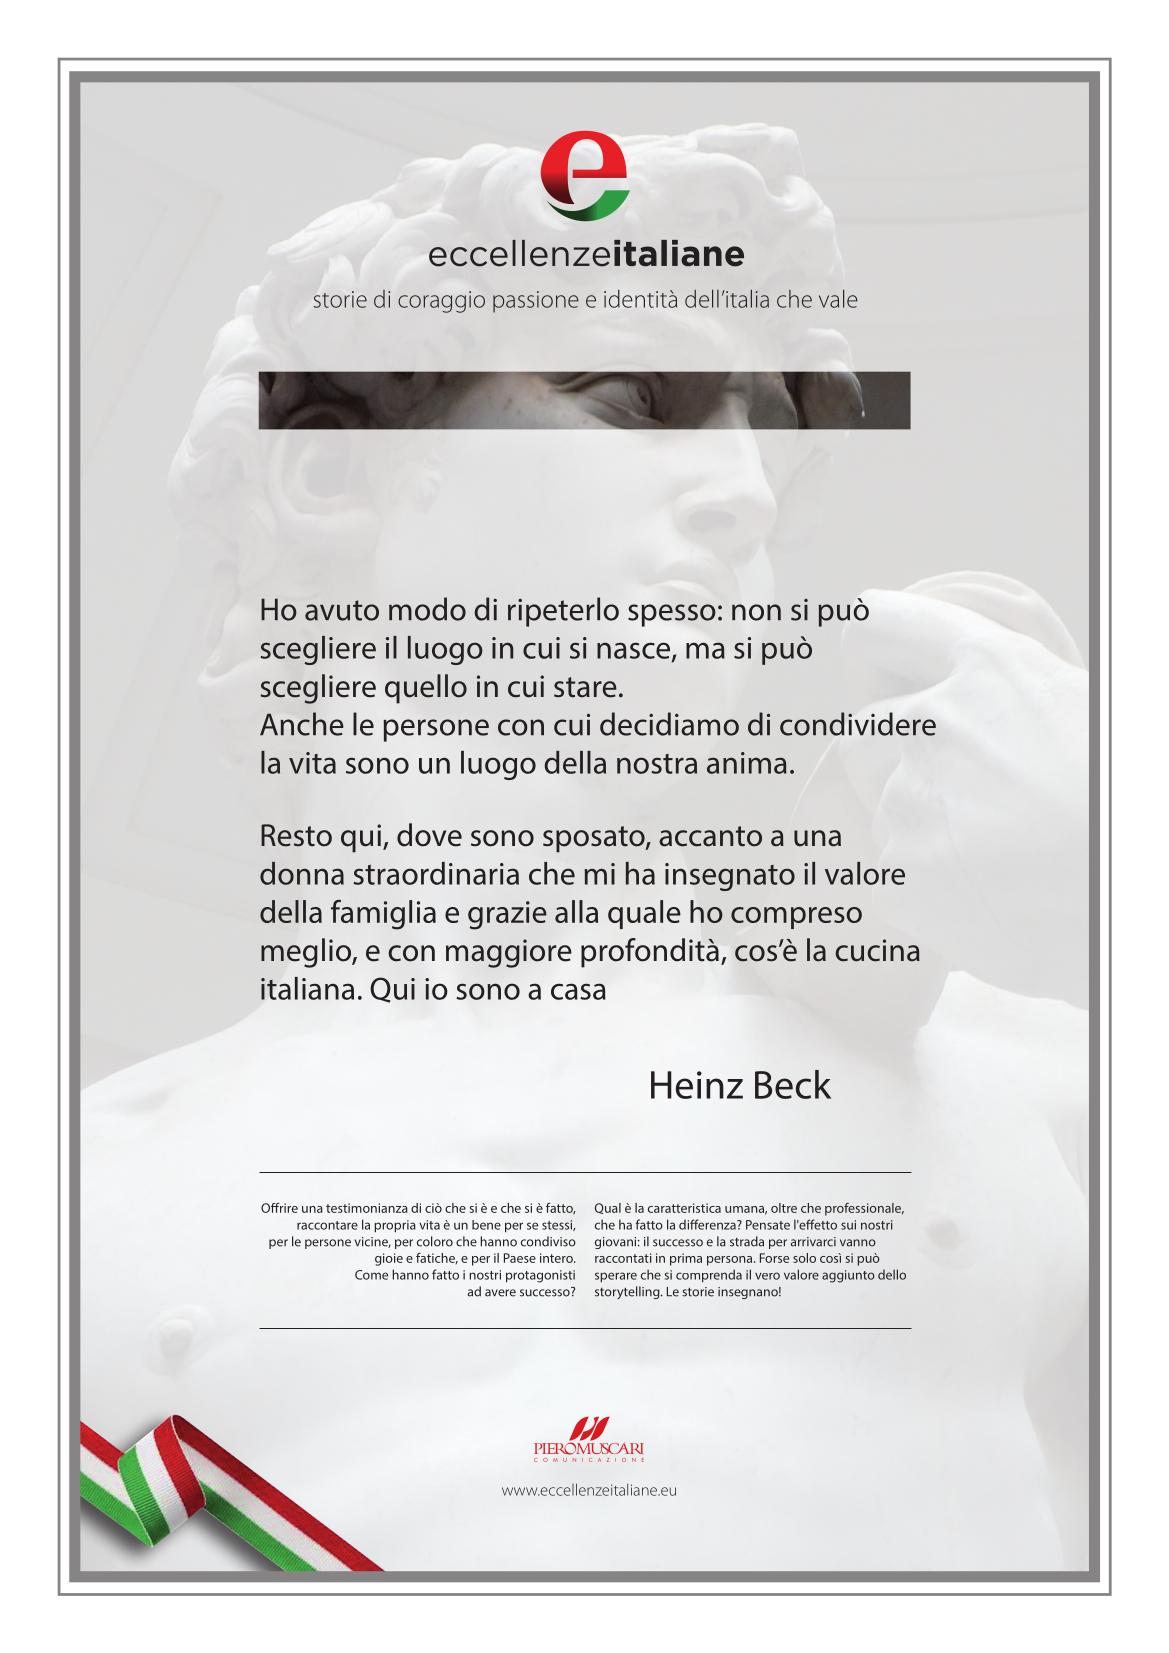 La pergamena di Heinz Beck